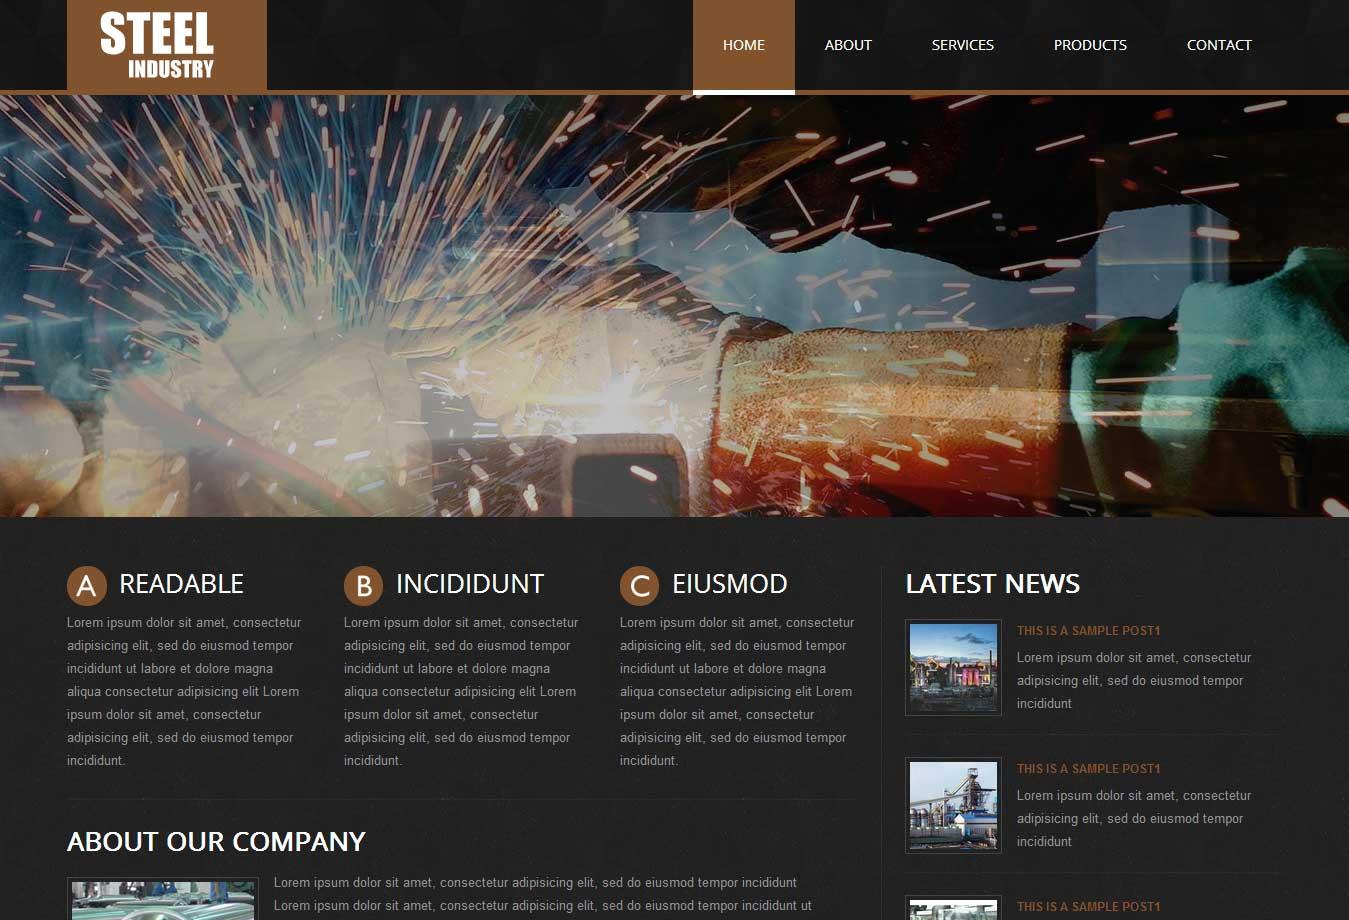 钢铁企业网站模版 网站制作 南昌网站建设 南昌网站设计 南昌网站优化 南昌网站建设公司